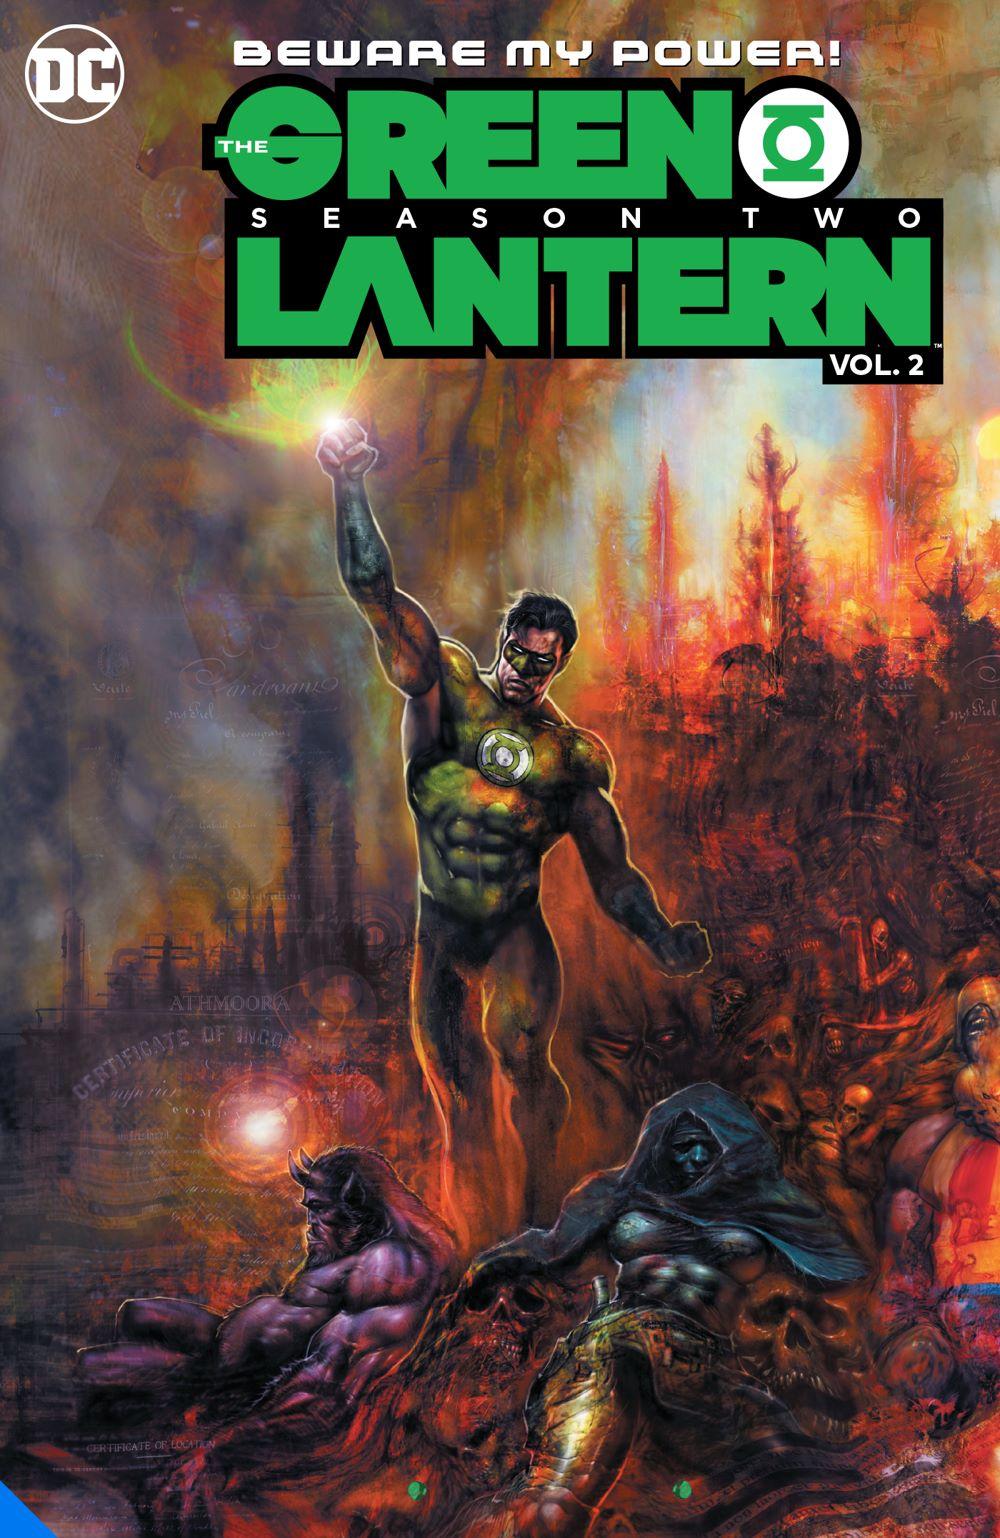 thegreenlanternseason2-vol2_adv DC Comics June 2021 Solicitations